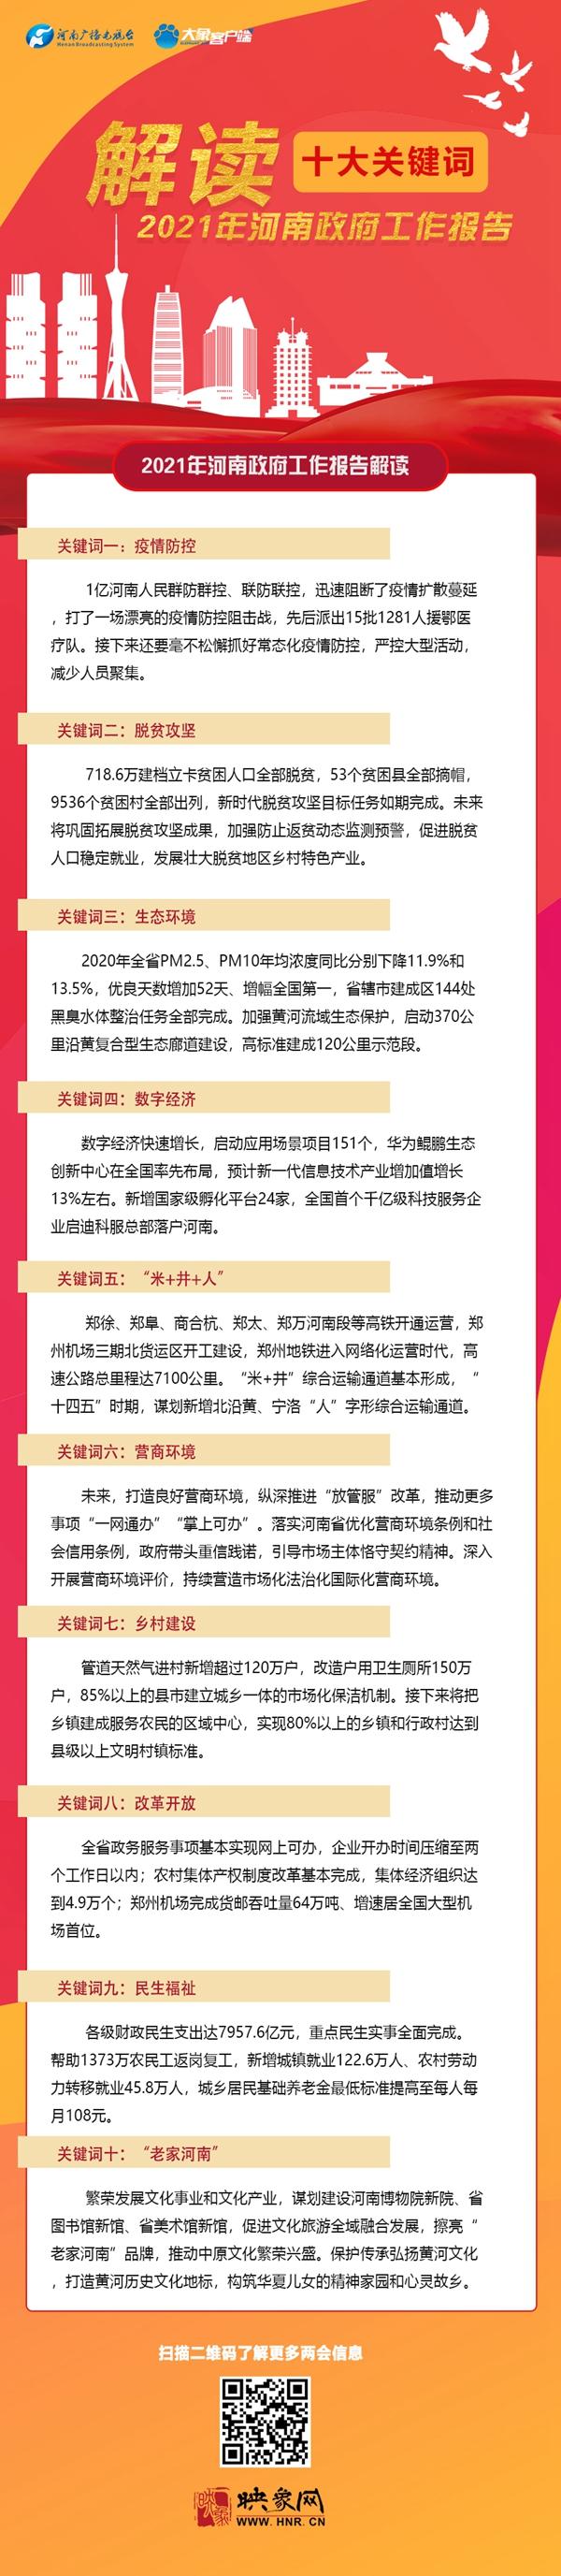 联播pro:十大关键词 解读2021年河南政府工作报告